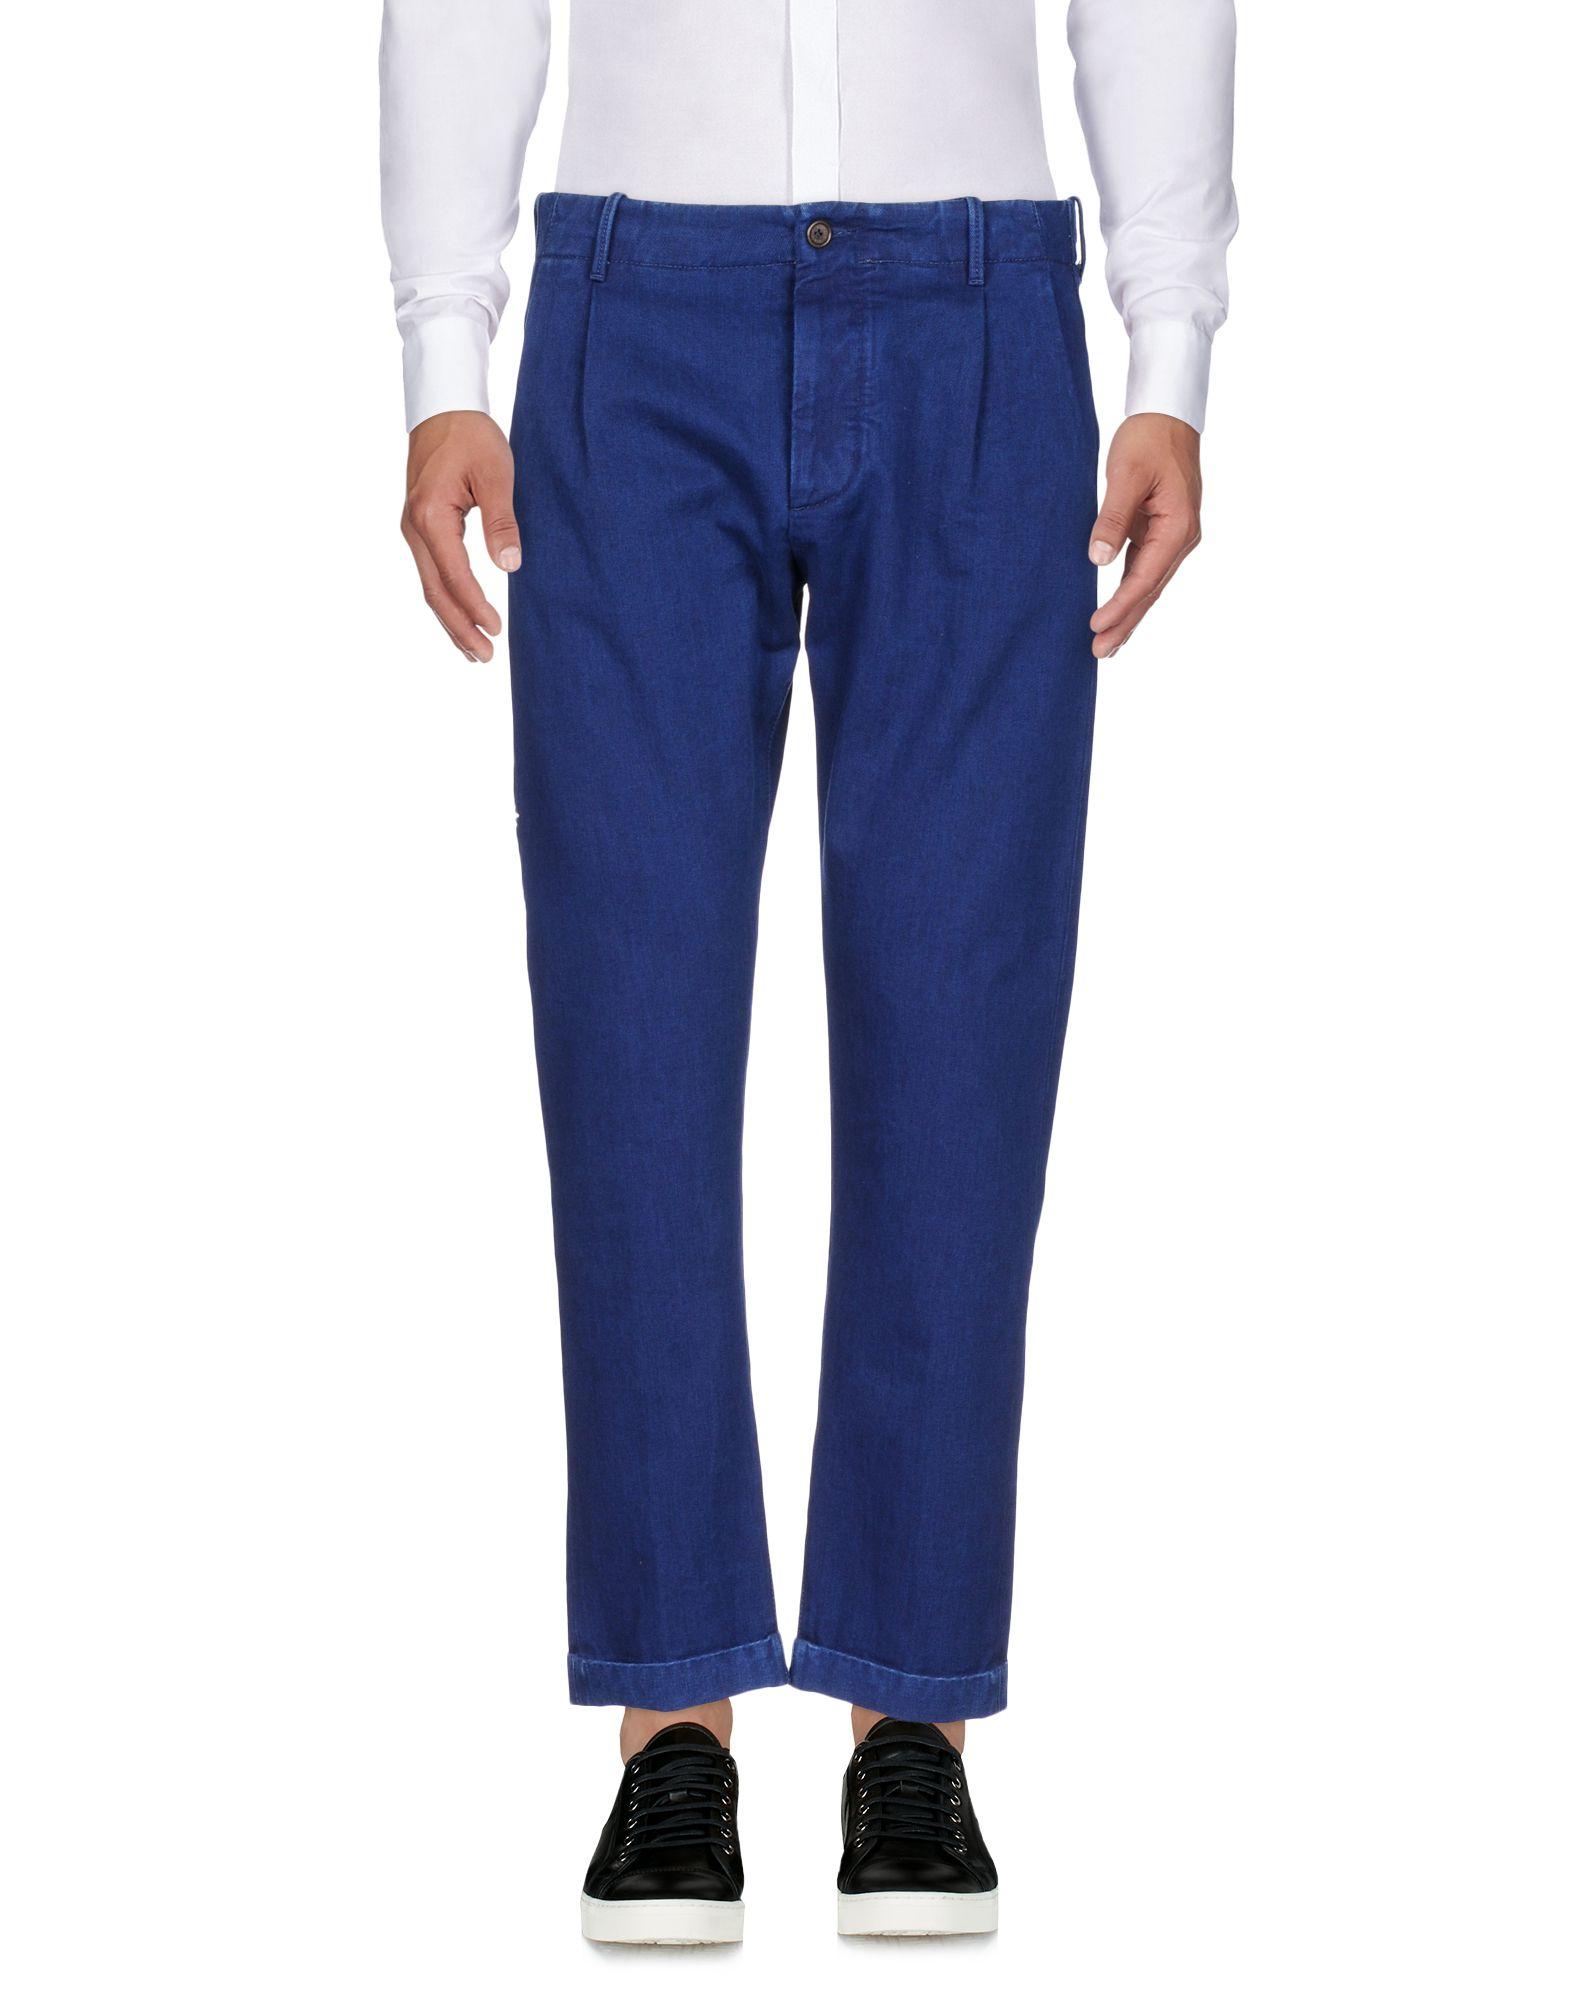 《送料無料》FORTELA メンズ パンツ ブルー 31 コットン 100%